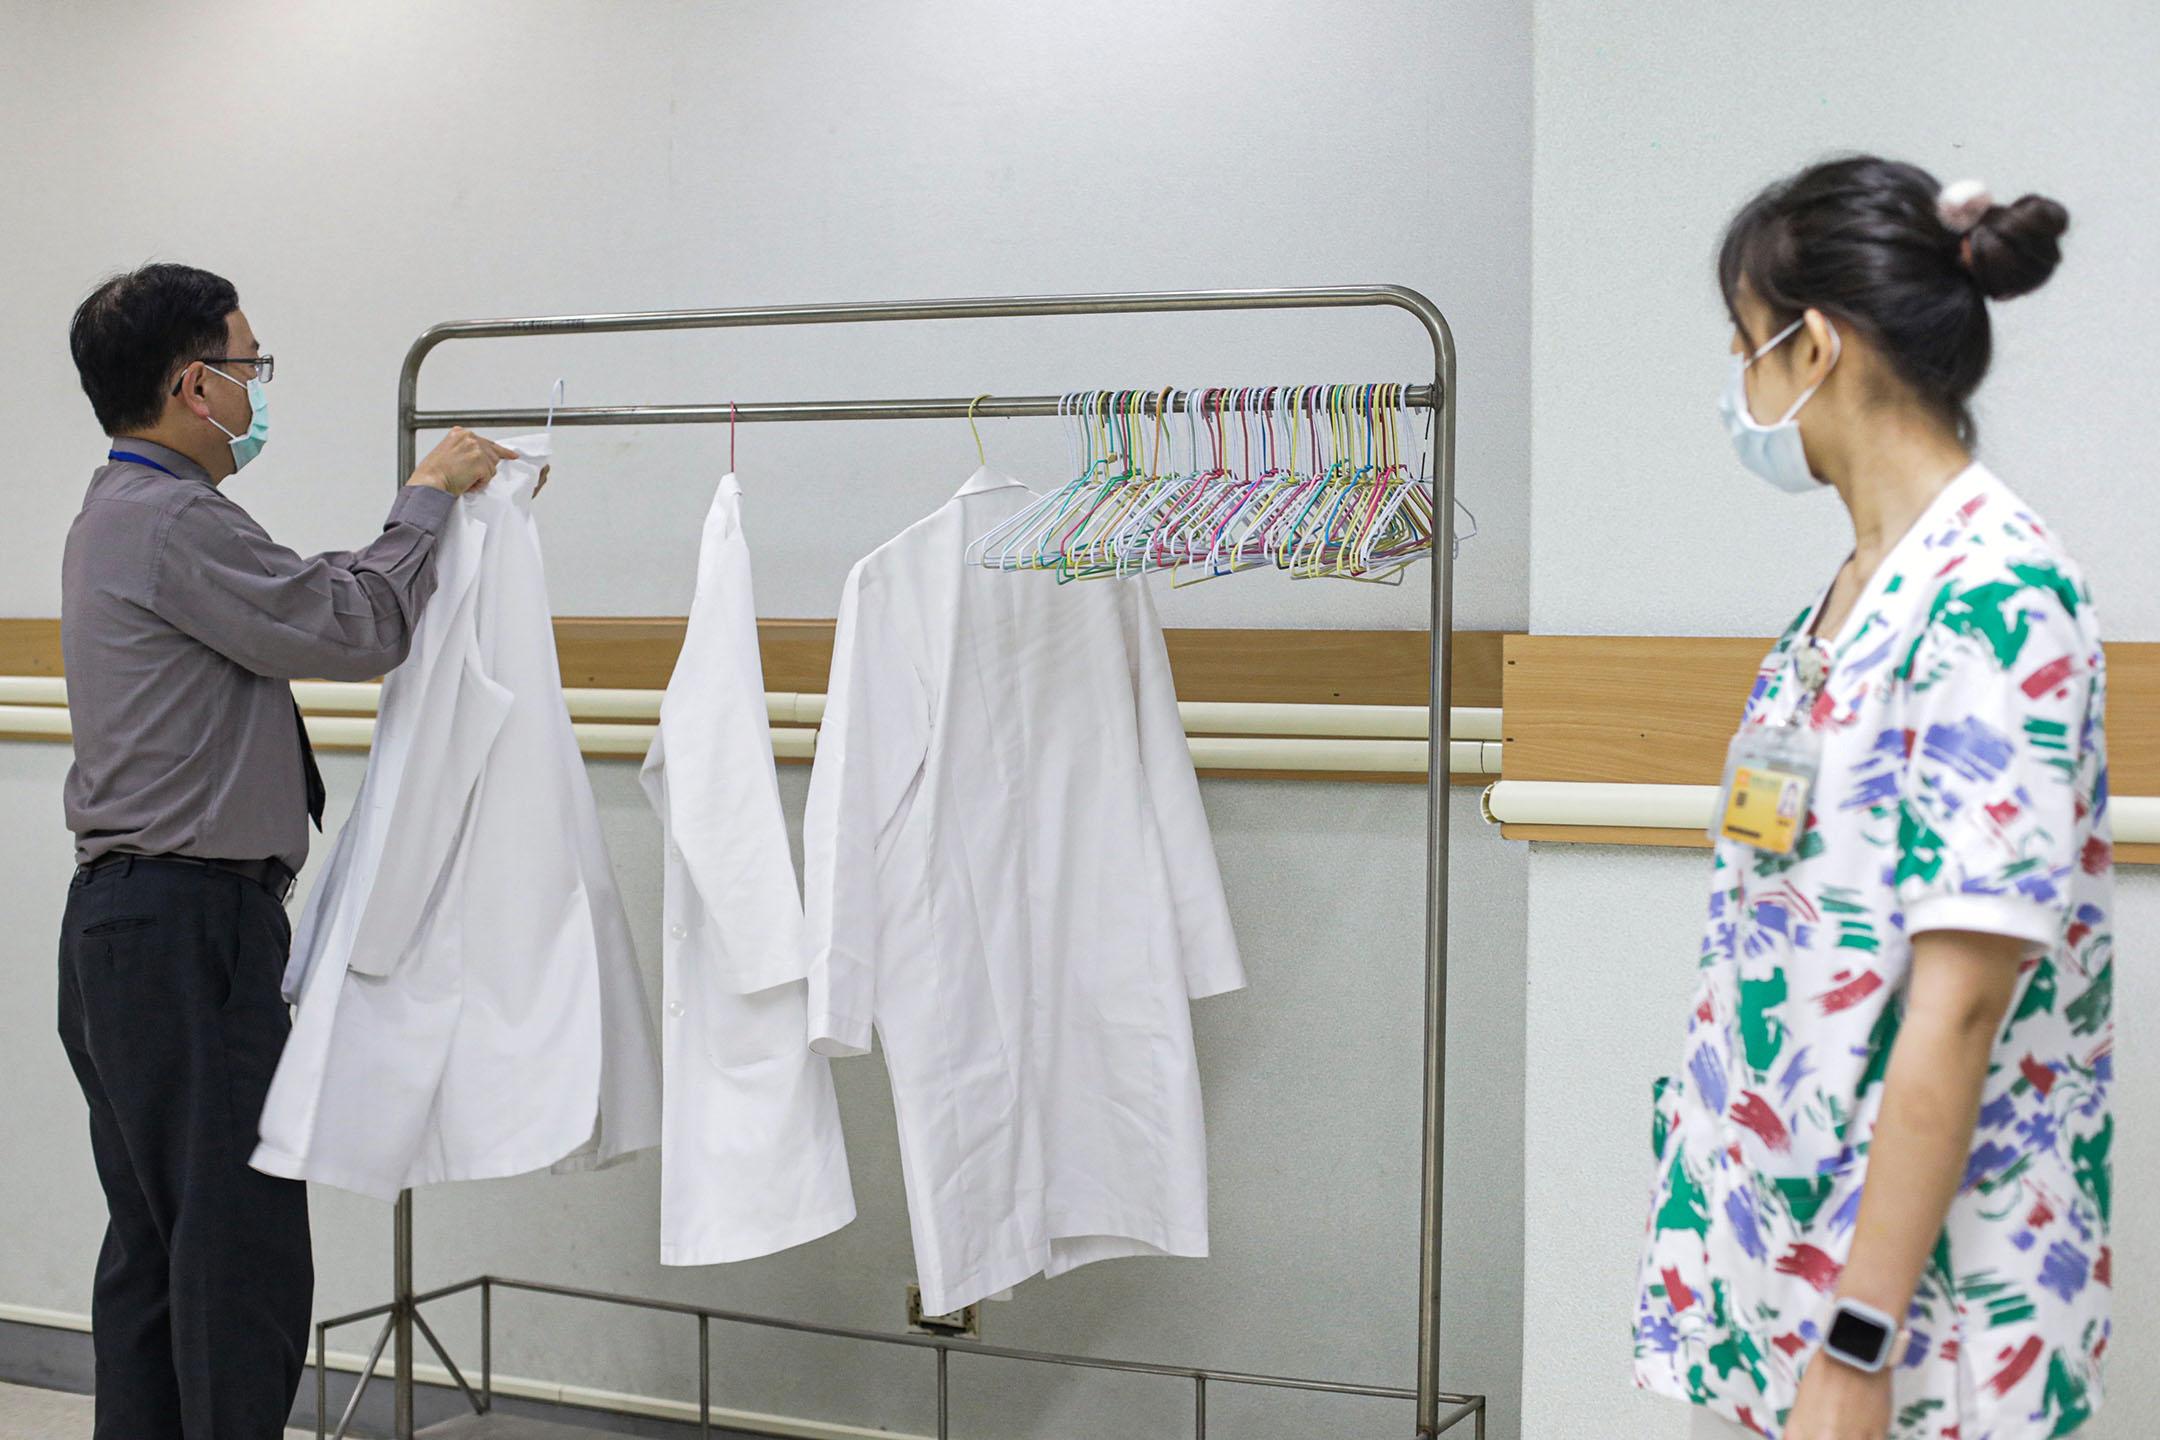 2021年3月22日台灣台北,一名醫生在接種阿斯利康疫苗前將一件白色外套掛在架子上。 攝:I-Hwa Cheng/Bloomberg via Getty Images